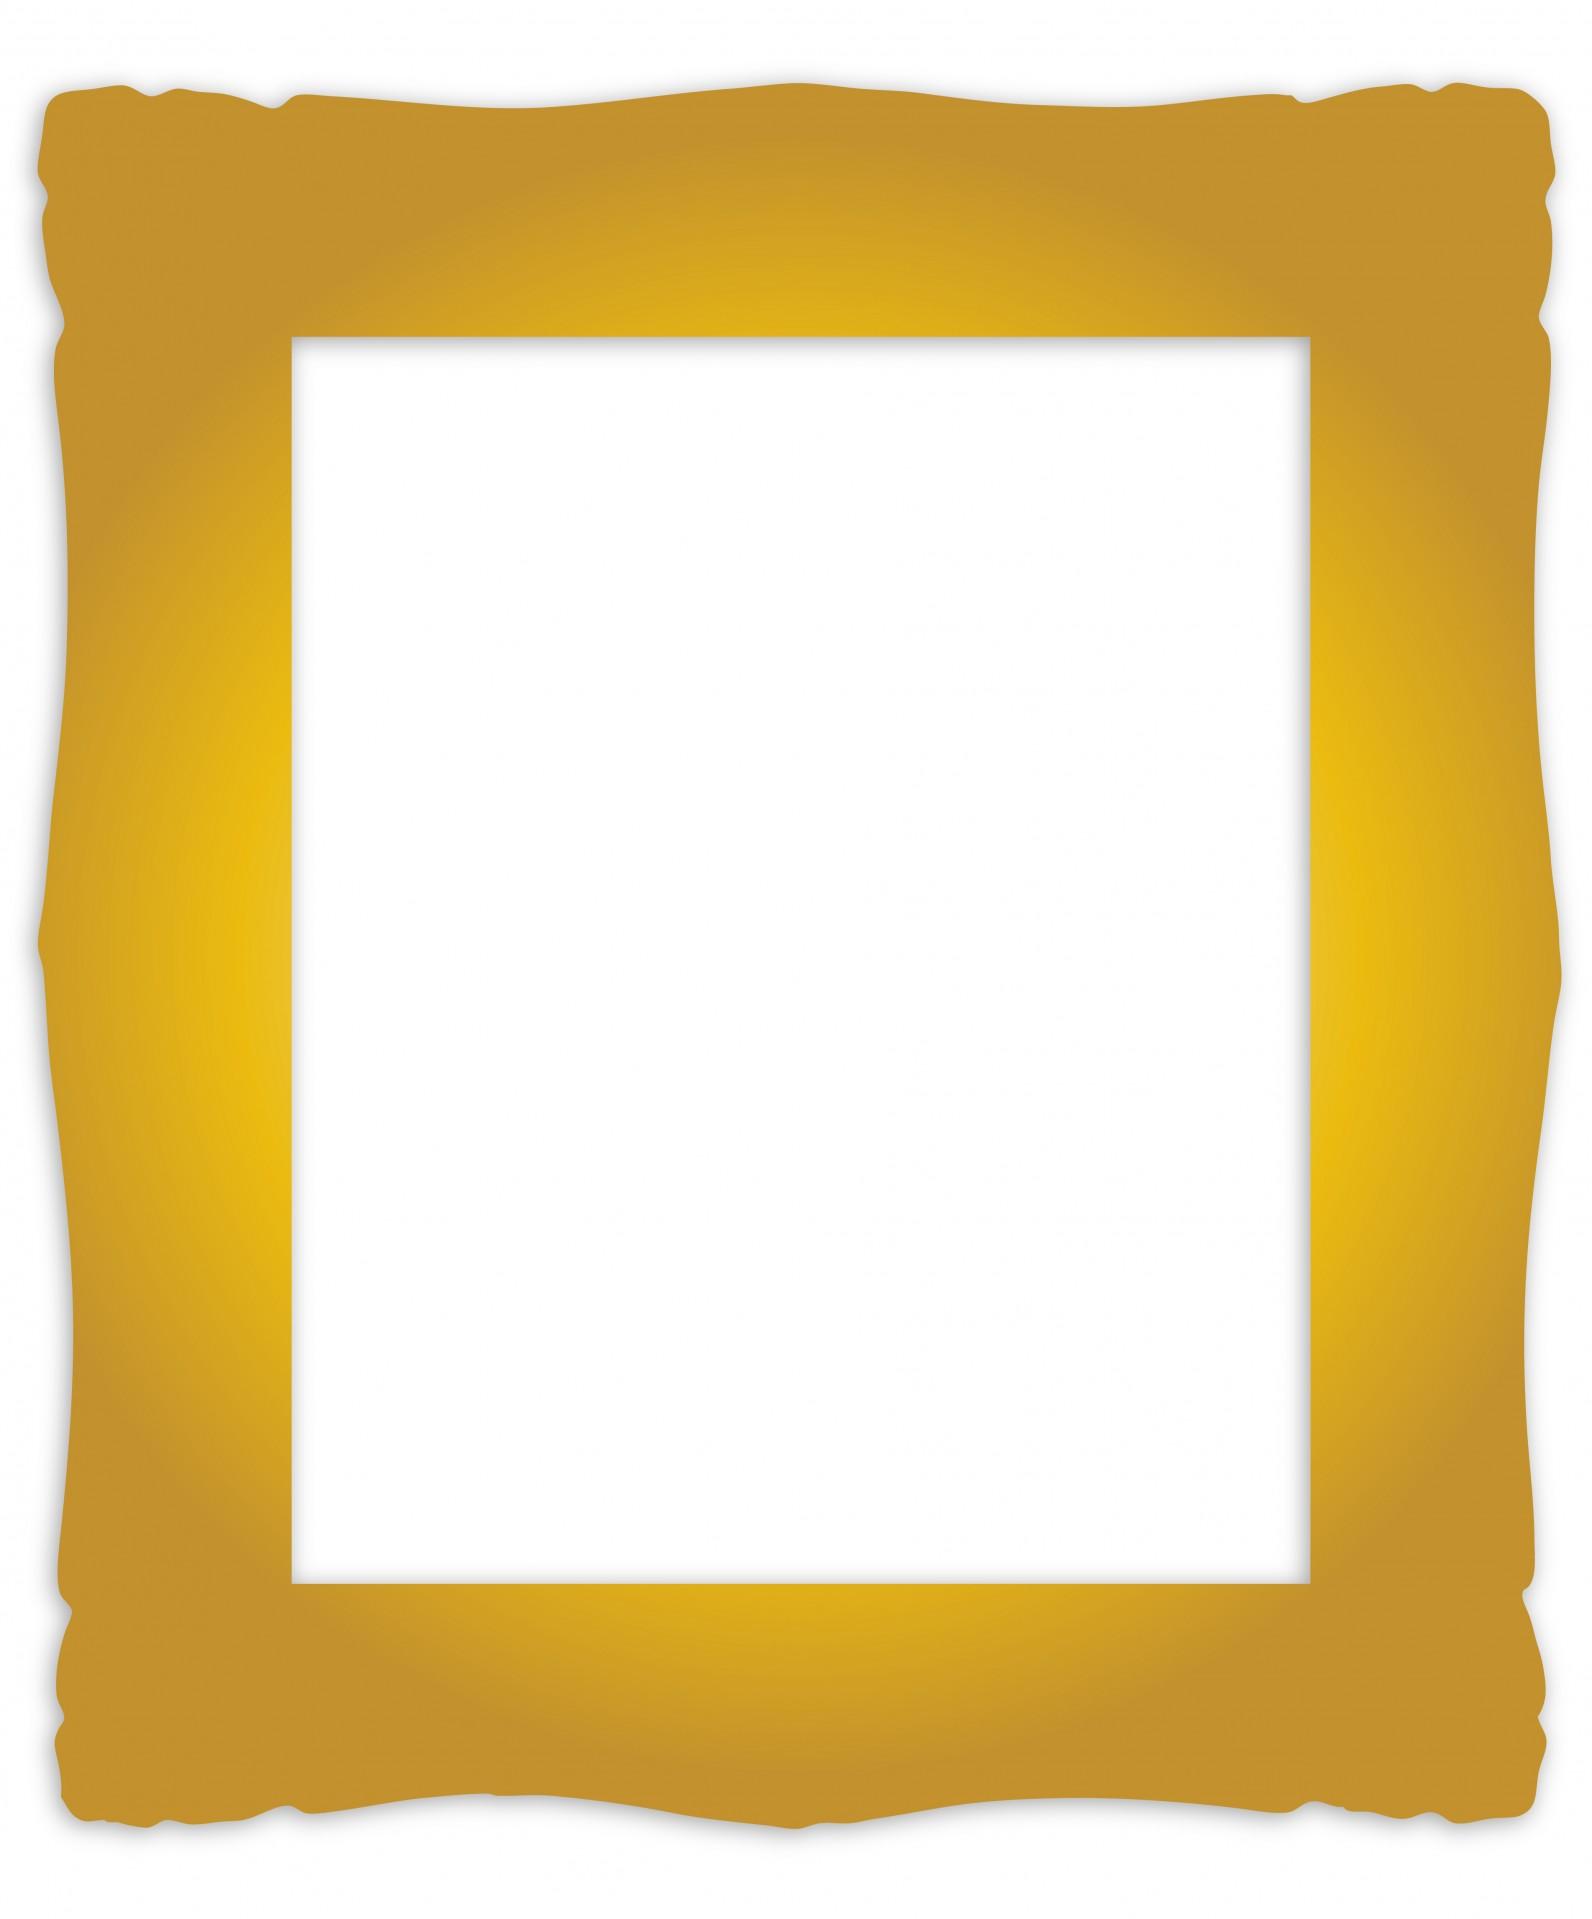 Gold Frame Vintage Clipart-Gold Frame Vintage Clipart-14